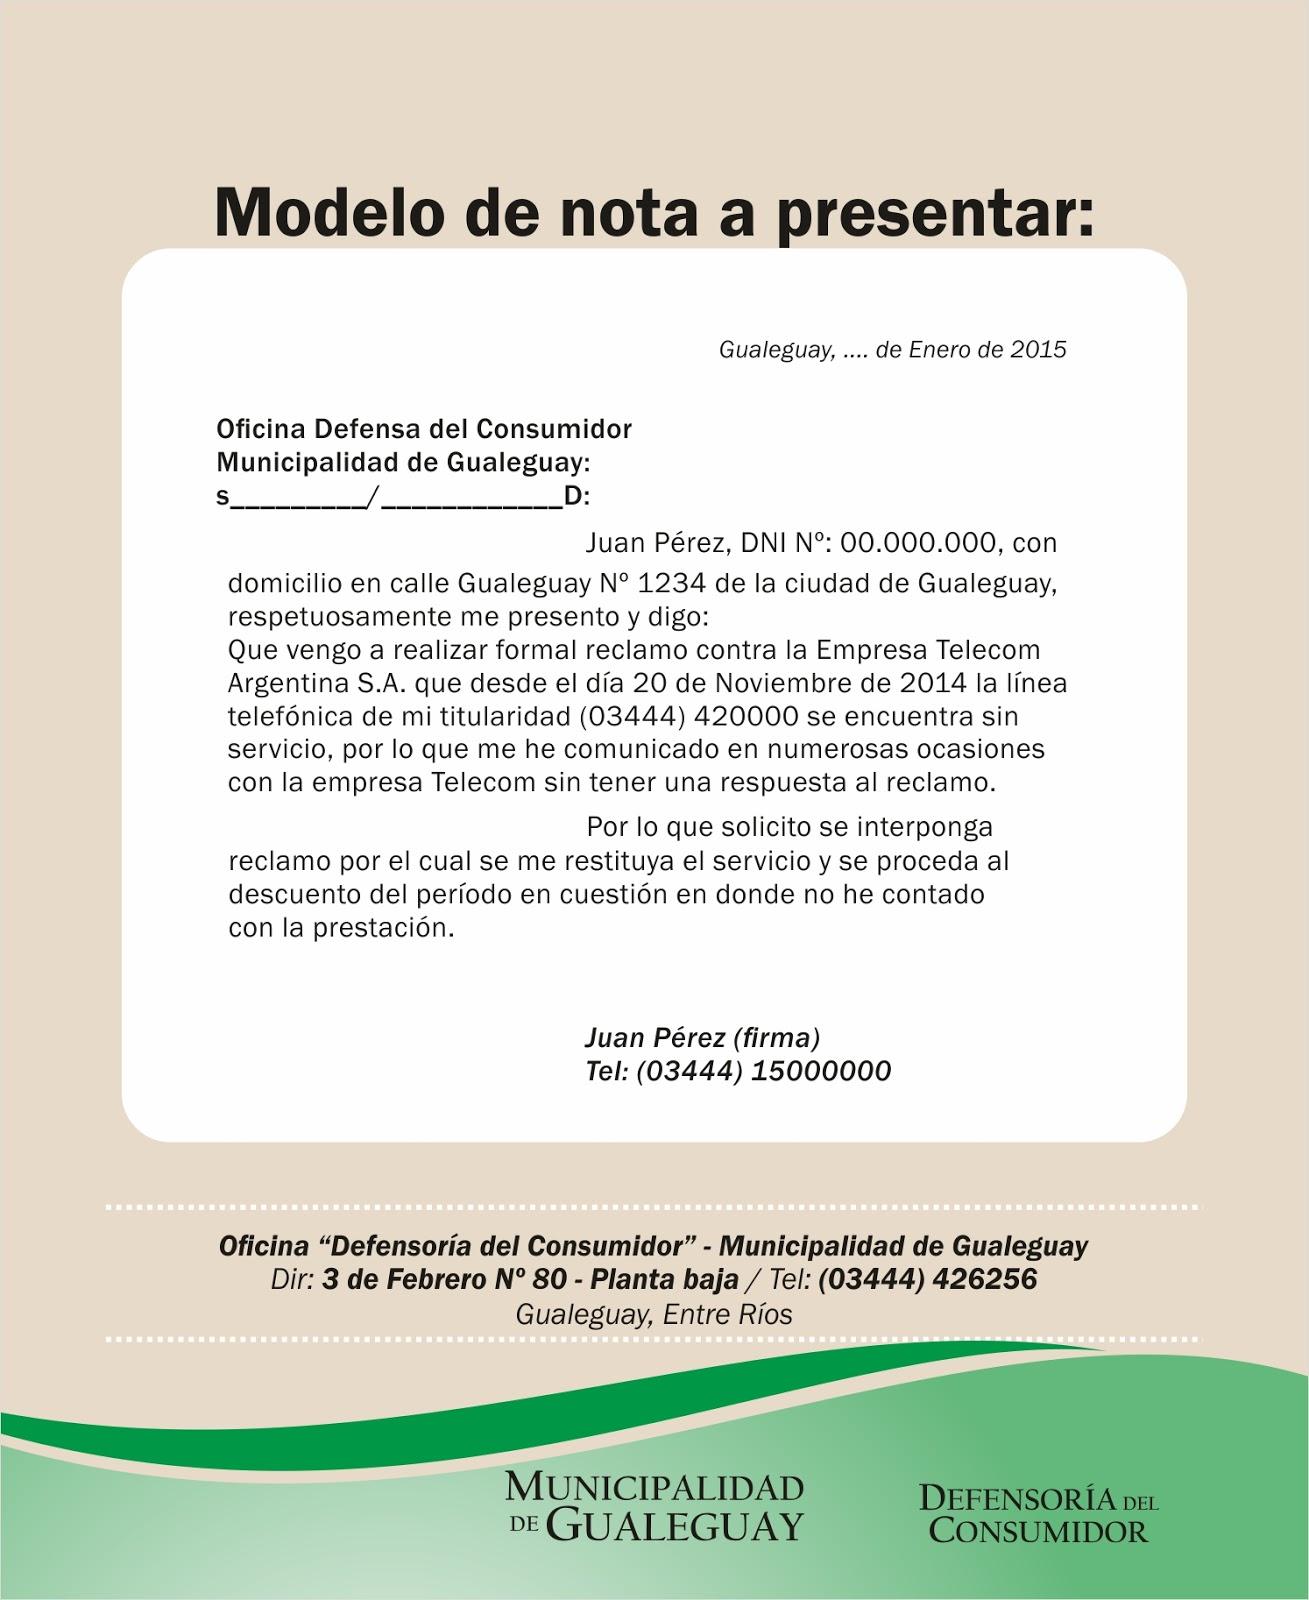 Gualeguay defensa del consumidor for Oficina del consumidor